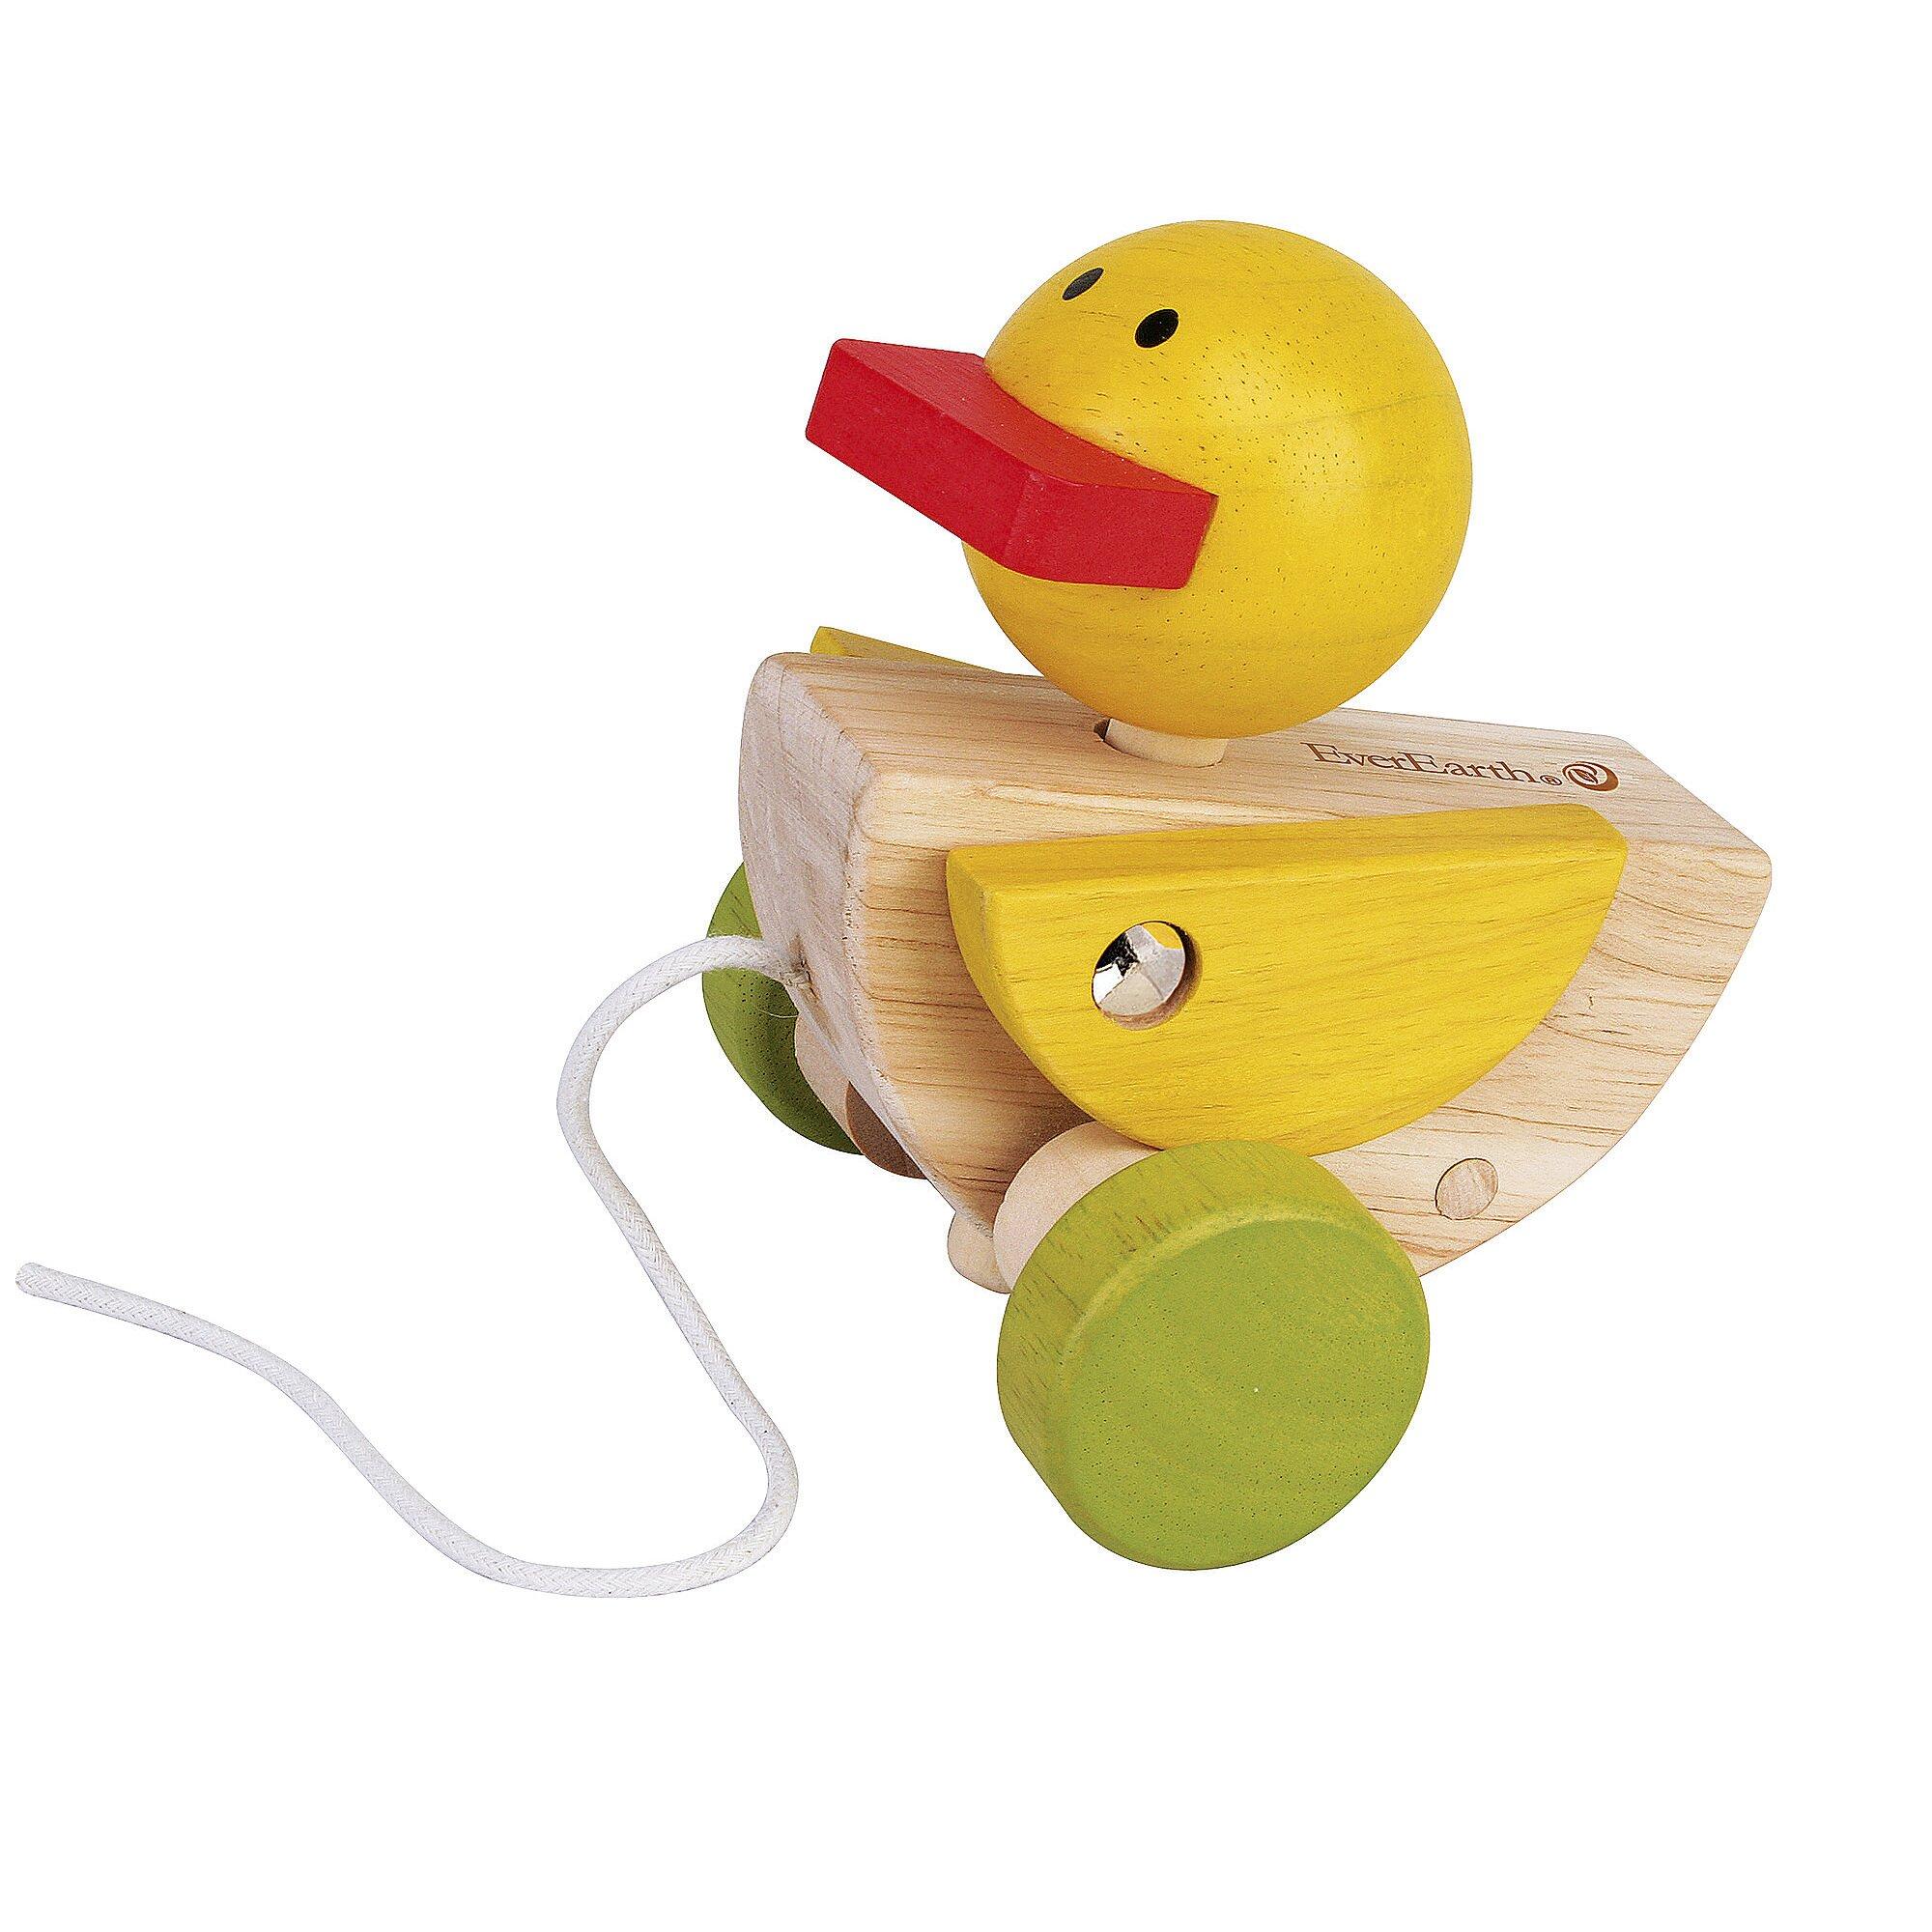 Everearth Nachziehspielzeug Ente aus Holz